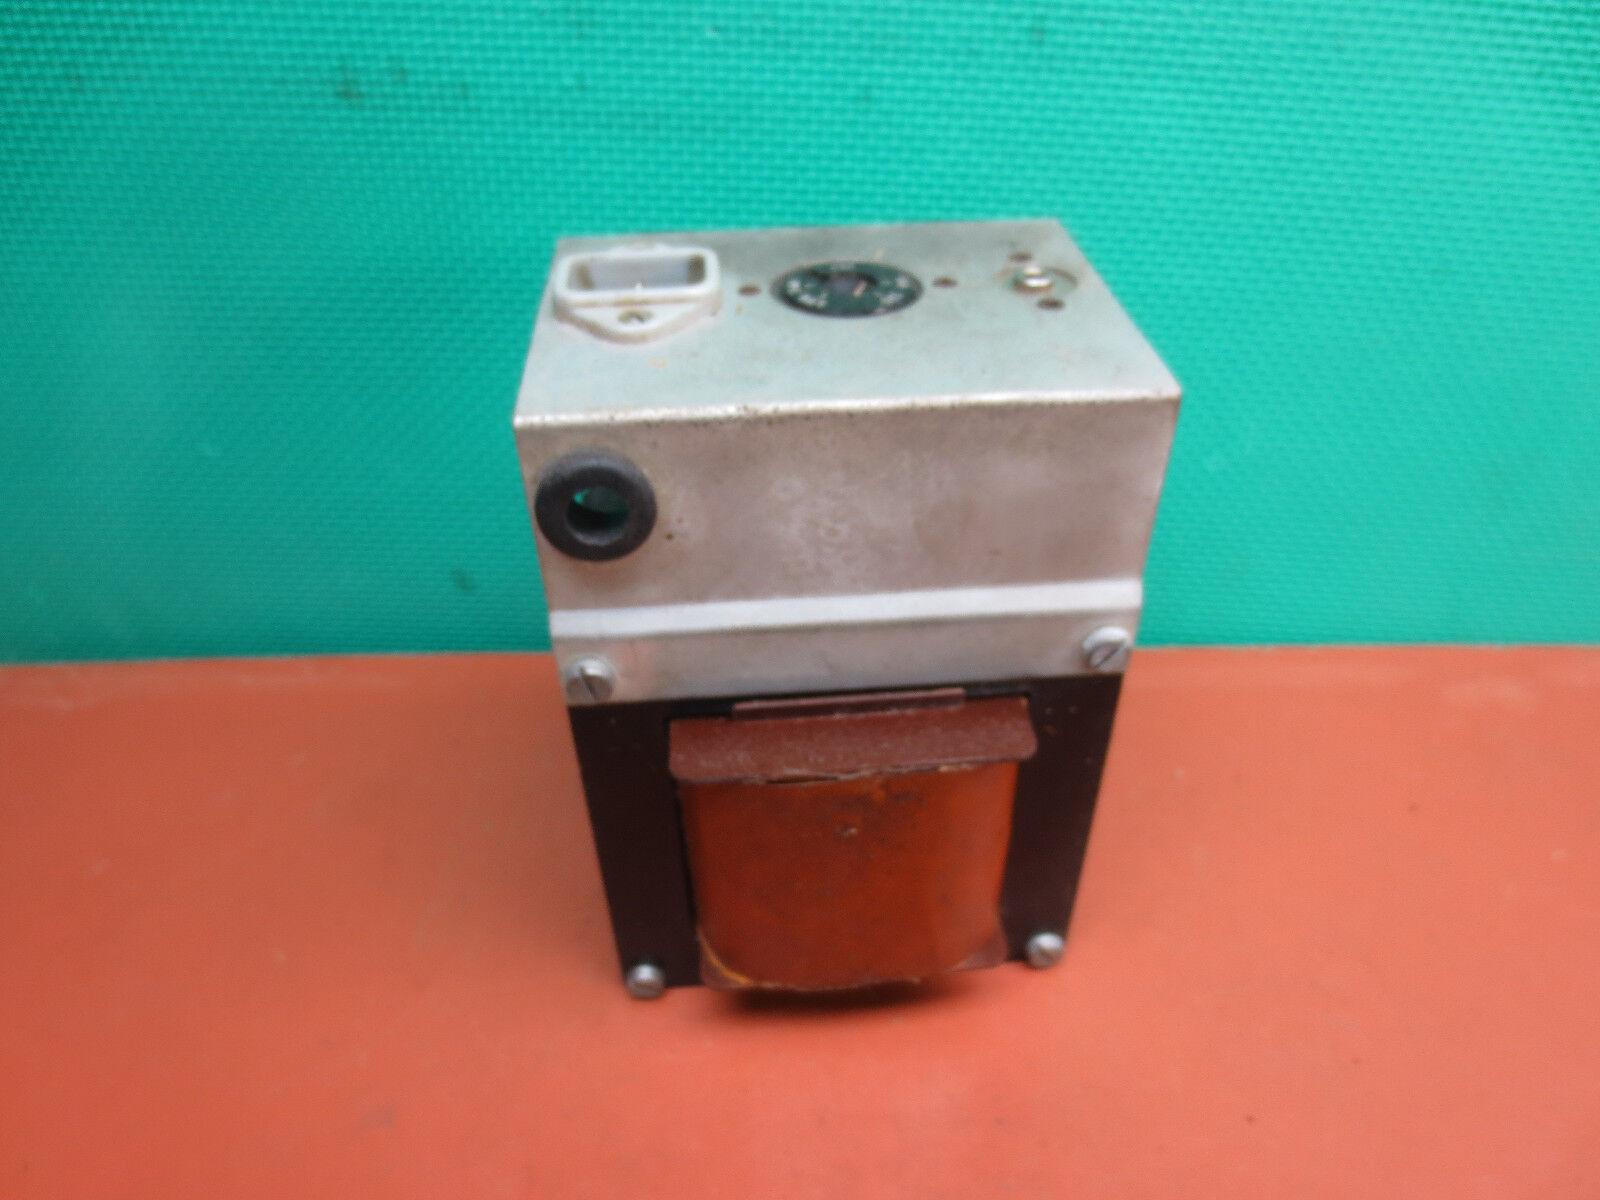 Hohner sr61 Power Transformer Transformer Transformer tubos amplificadores de guitarra Tube amp el34 el503  barato en alta calidad